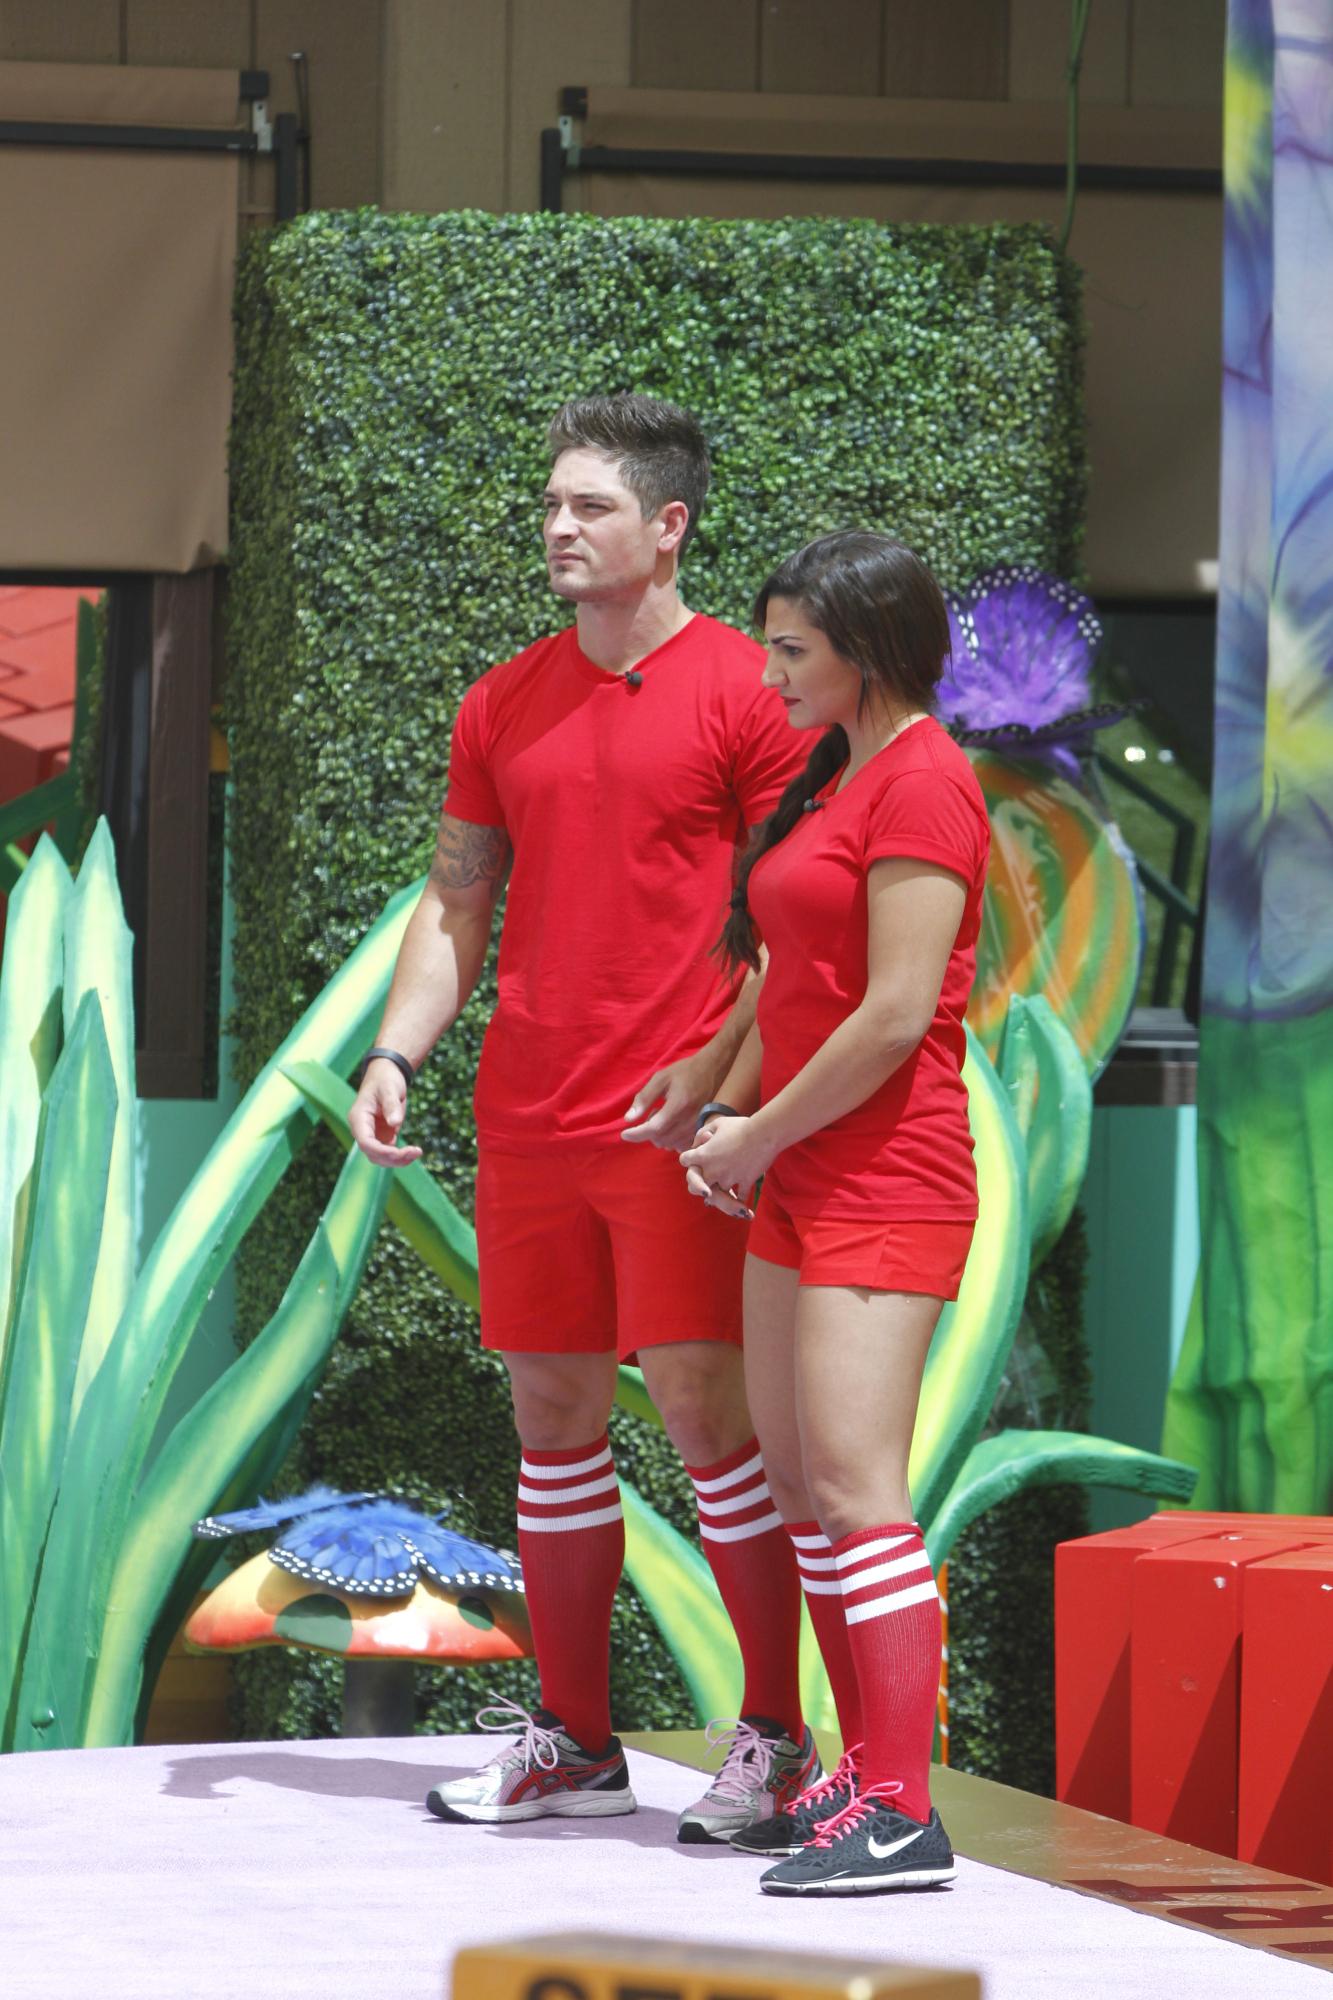 Caleb and Victoria